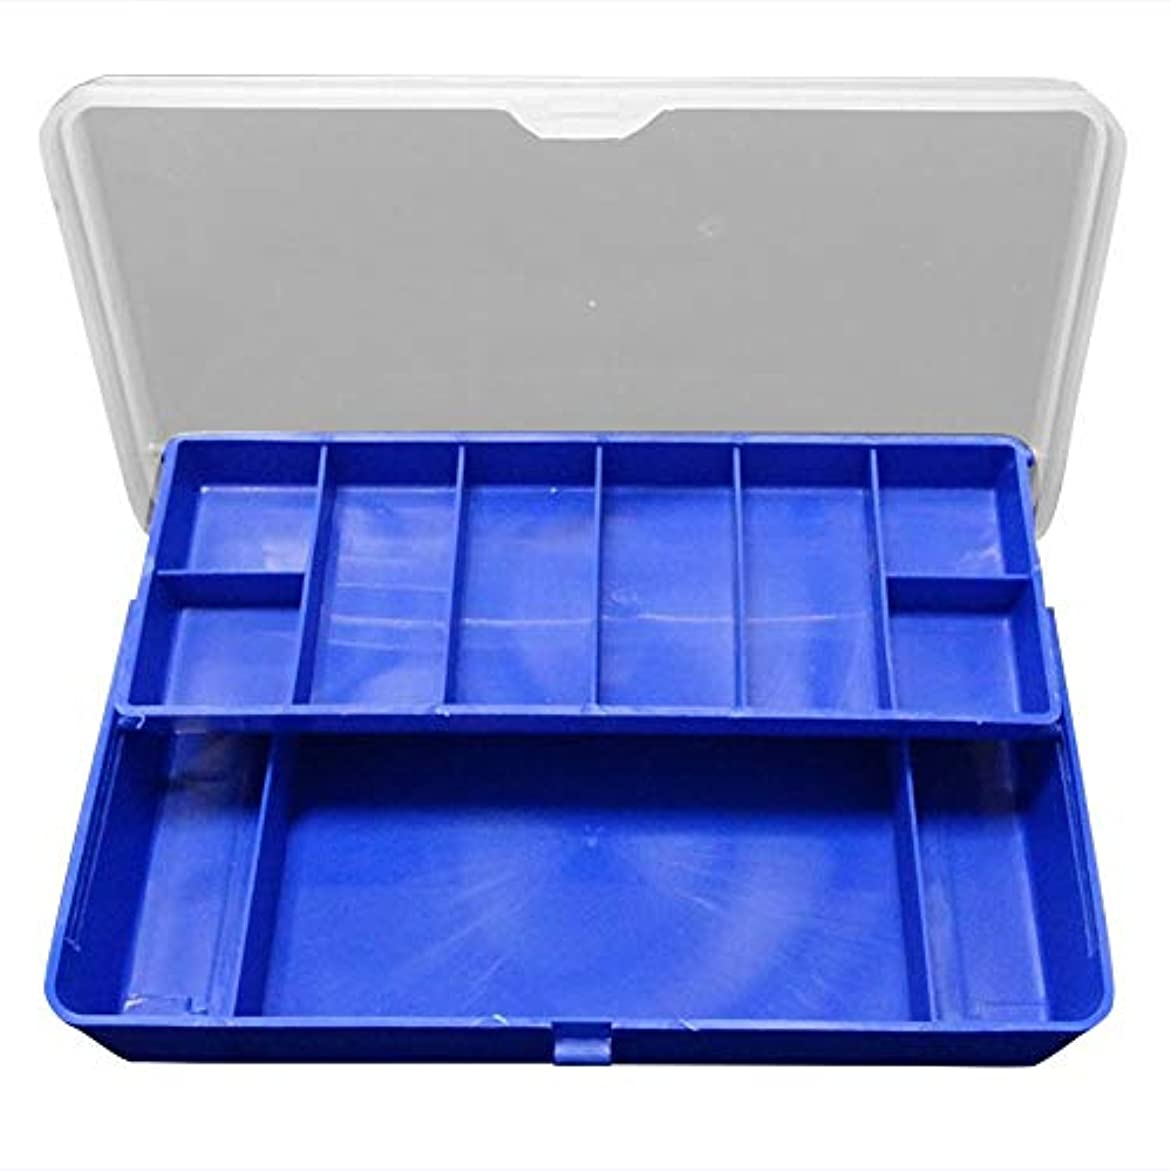 ネックレットなる騒ぎk-outdoor フックケース ルアーケース タックルボックス 釣り収納ケース 大容量